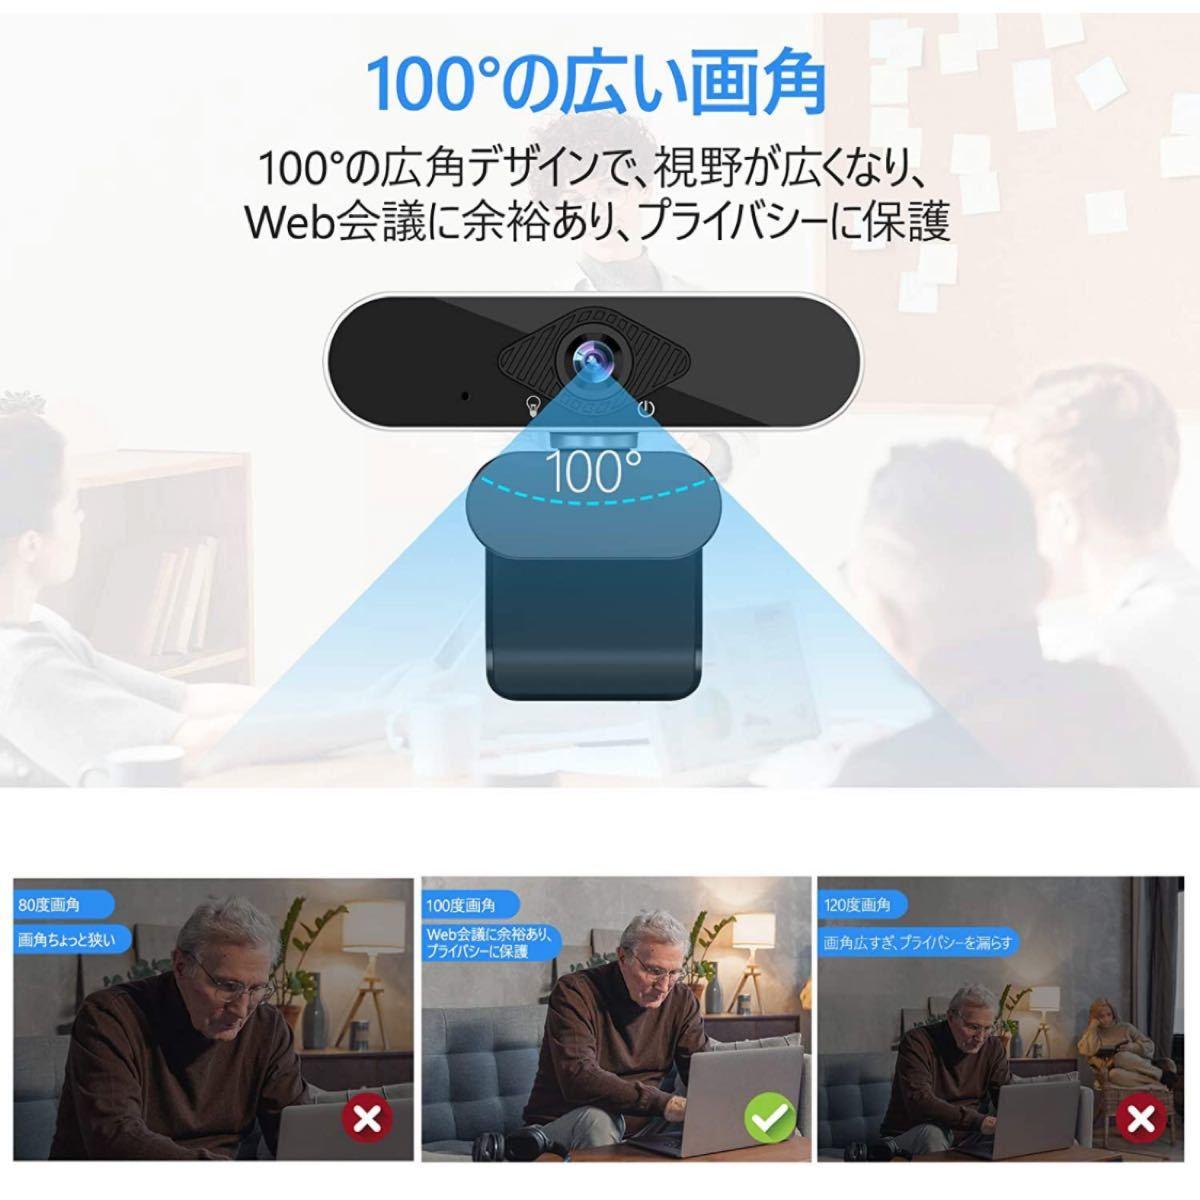 ウェブカメラ フルHD 1080P 高画質 200万画素 webカメラ マイク付き usb ノイズ対策  オートフォーカス